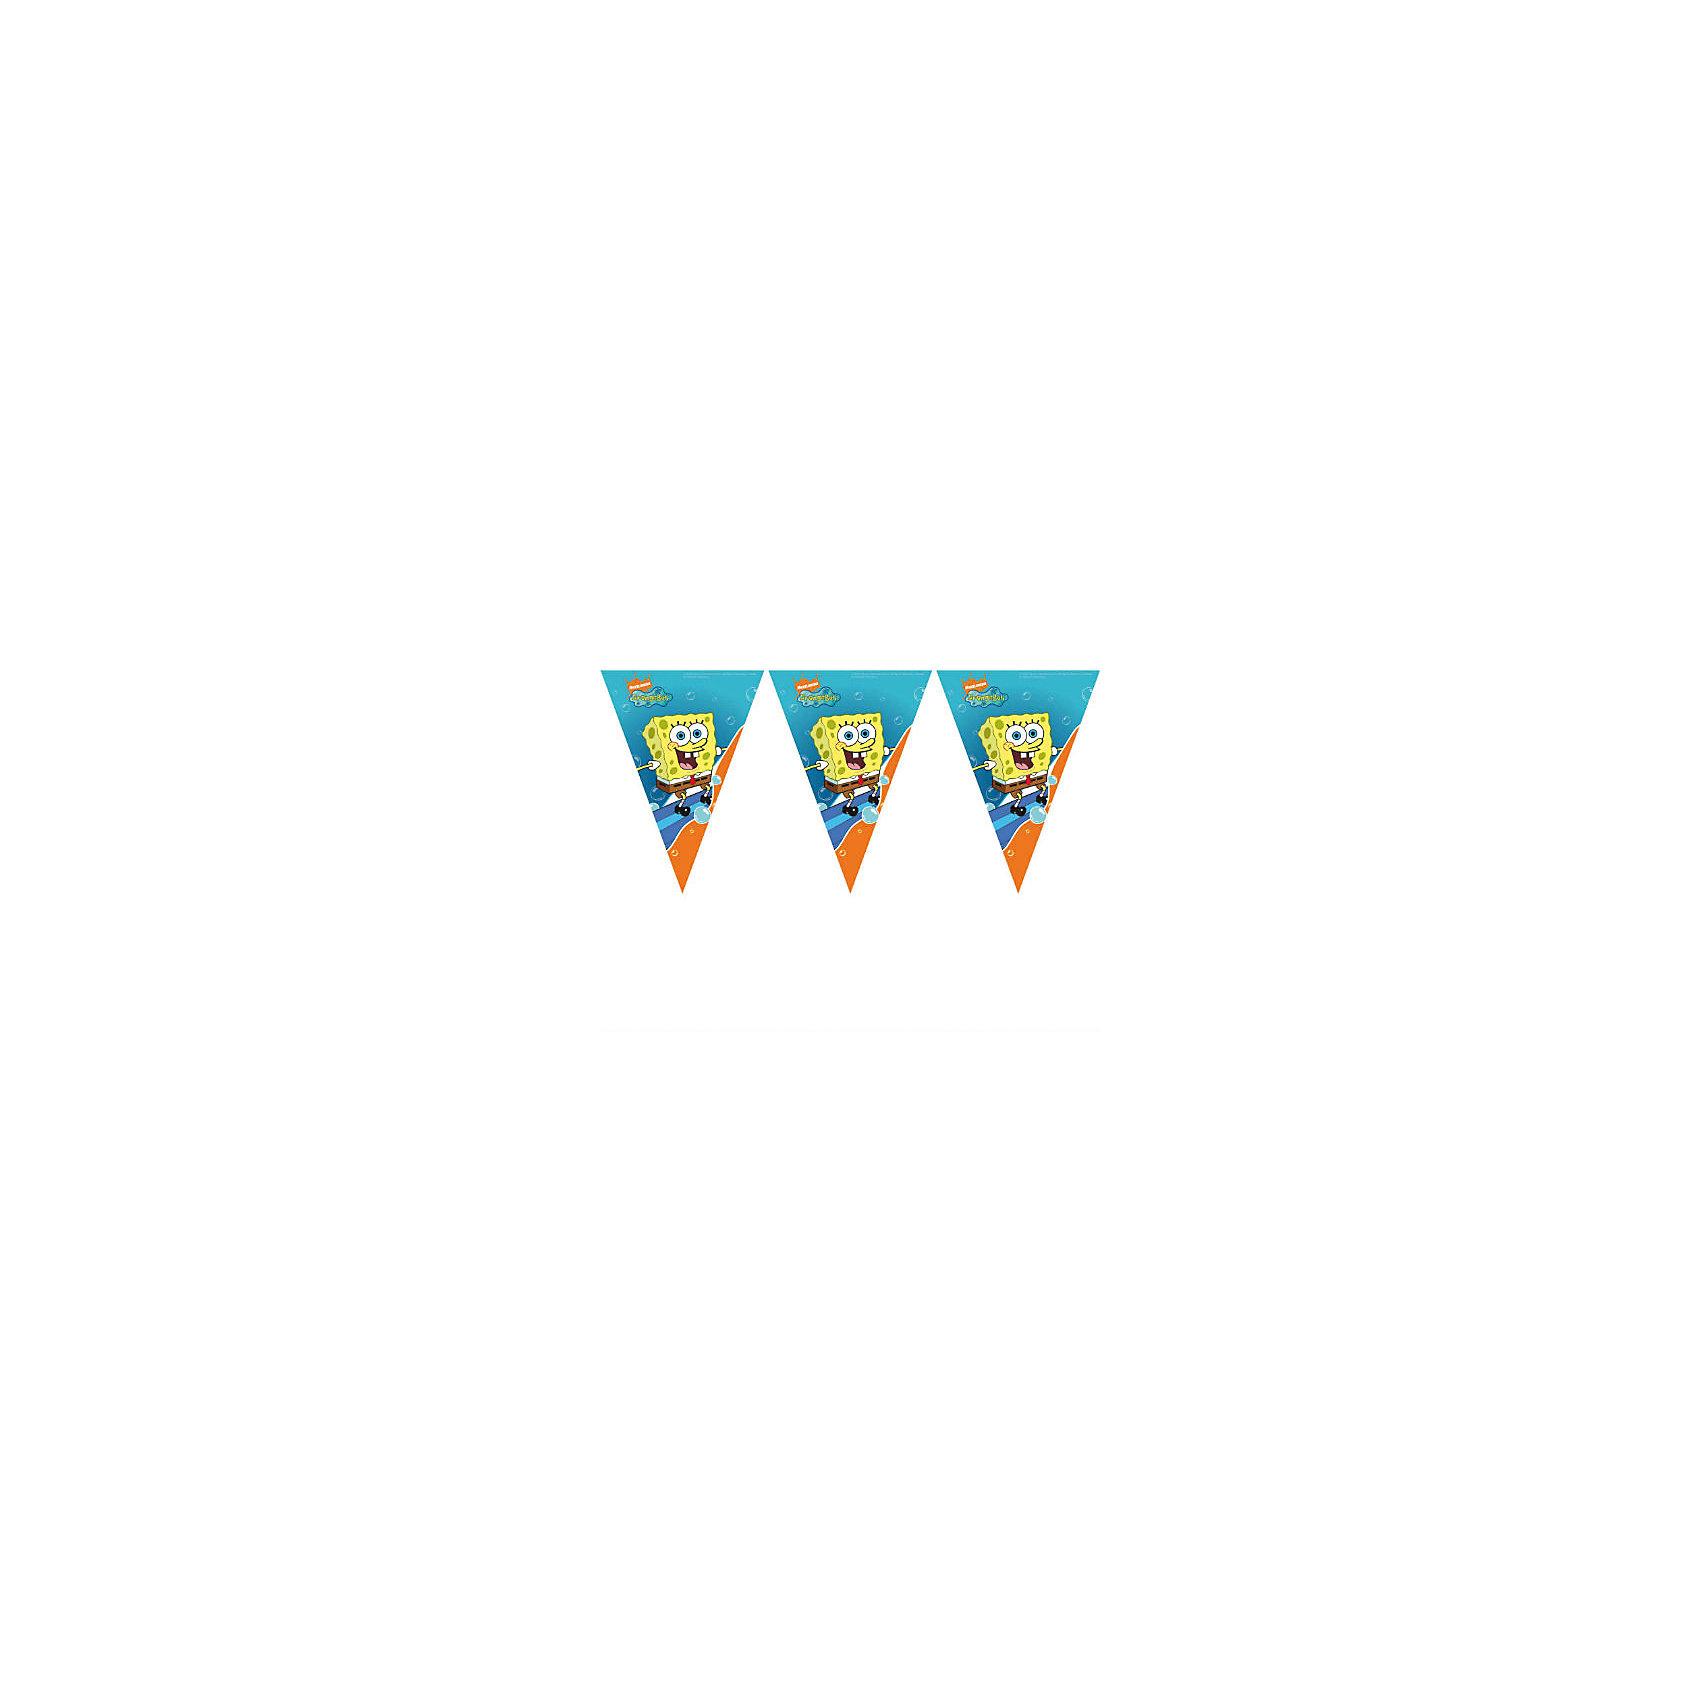 Гирлянда Губка БобБаннеры и гирлянды для детской вечеринки<br>Губка Боб – один из самых популярных современных героев у всех мальчишек. <br>Гирлянда с Губкой Бобом украсит комнату к празднику, создаст атмосферу торжества и подарит хорошее настроение детям! <br>В набор входит 1 гирлянда.<br><br>Ширина мм: 500<br>Глубина мм: 200<br>Высота мм: 270<br>Вес г: 20<br>Возраст от месяцев: -2147483648<br>Возраст до месяцев: 2147483647<br>Пол: Унисекс<br>Возраст: Детский<br>SKU: 7128891